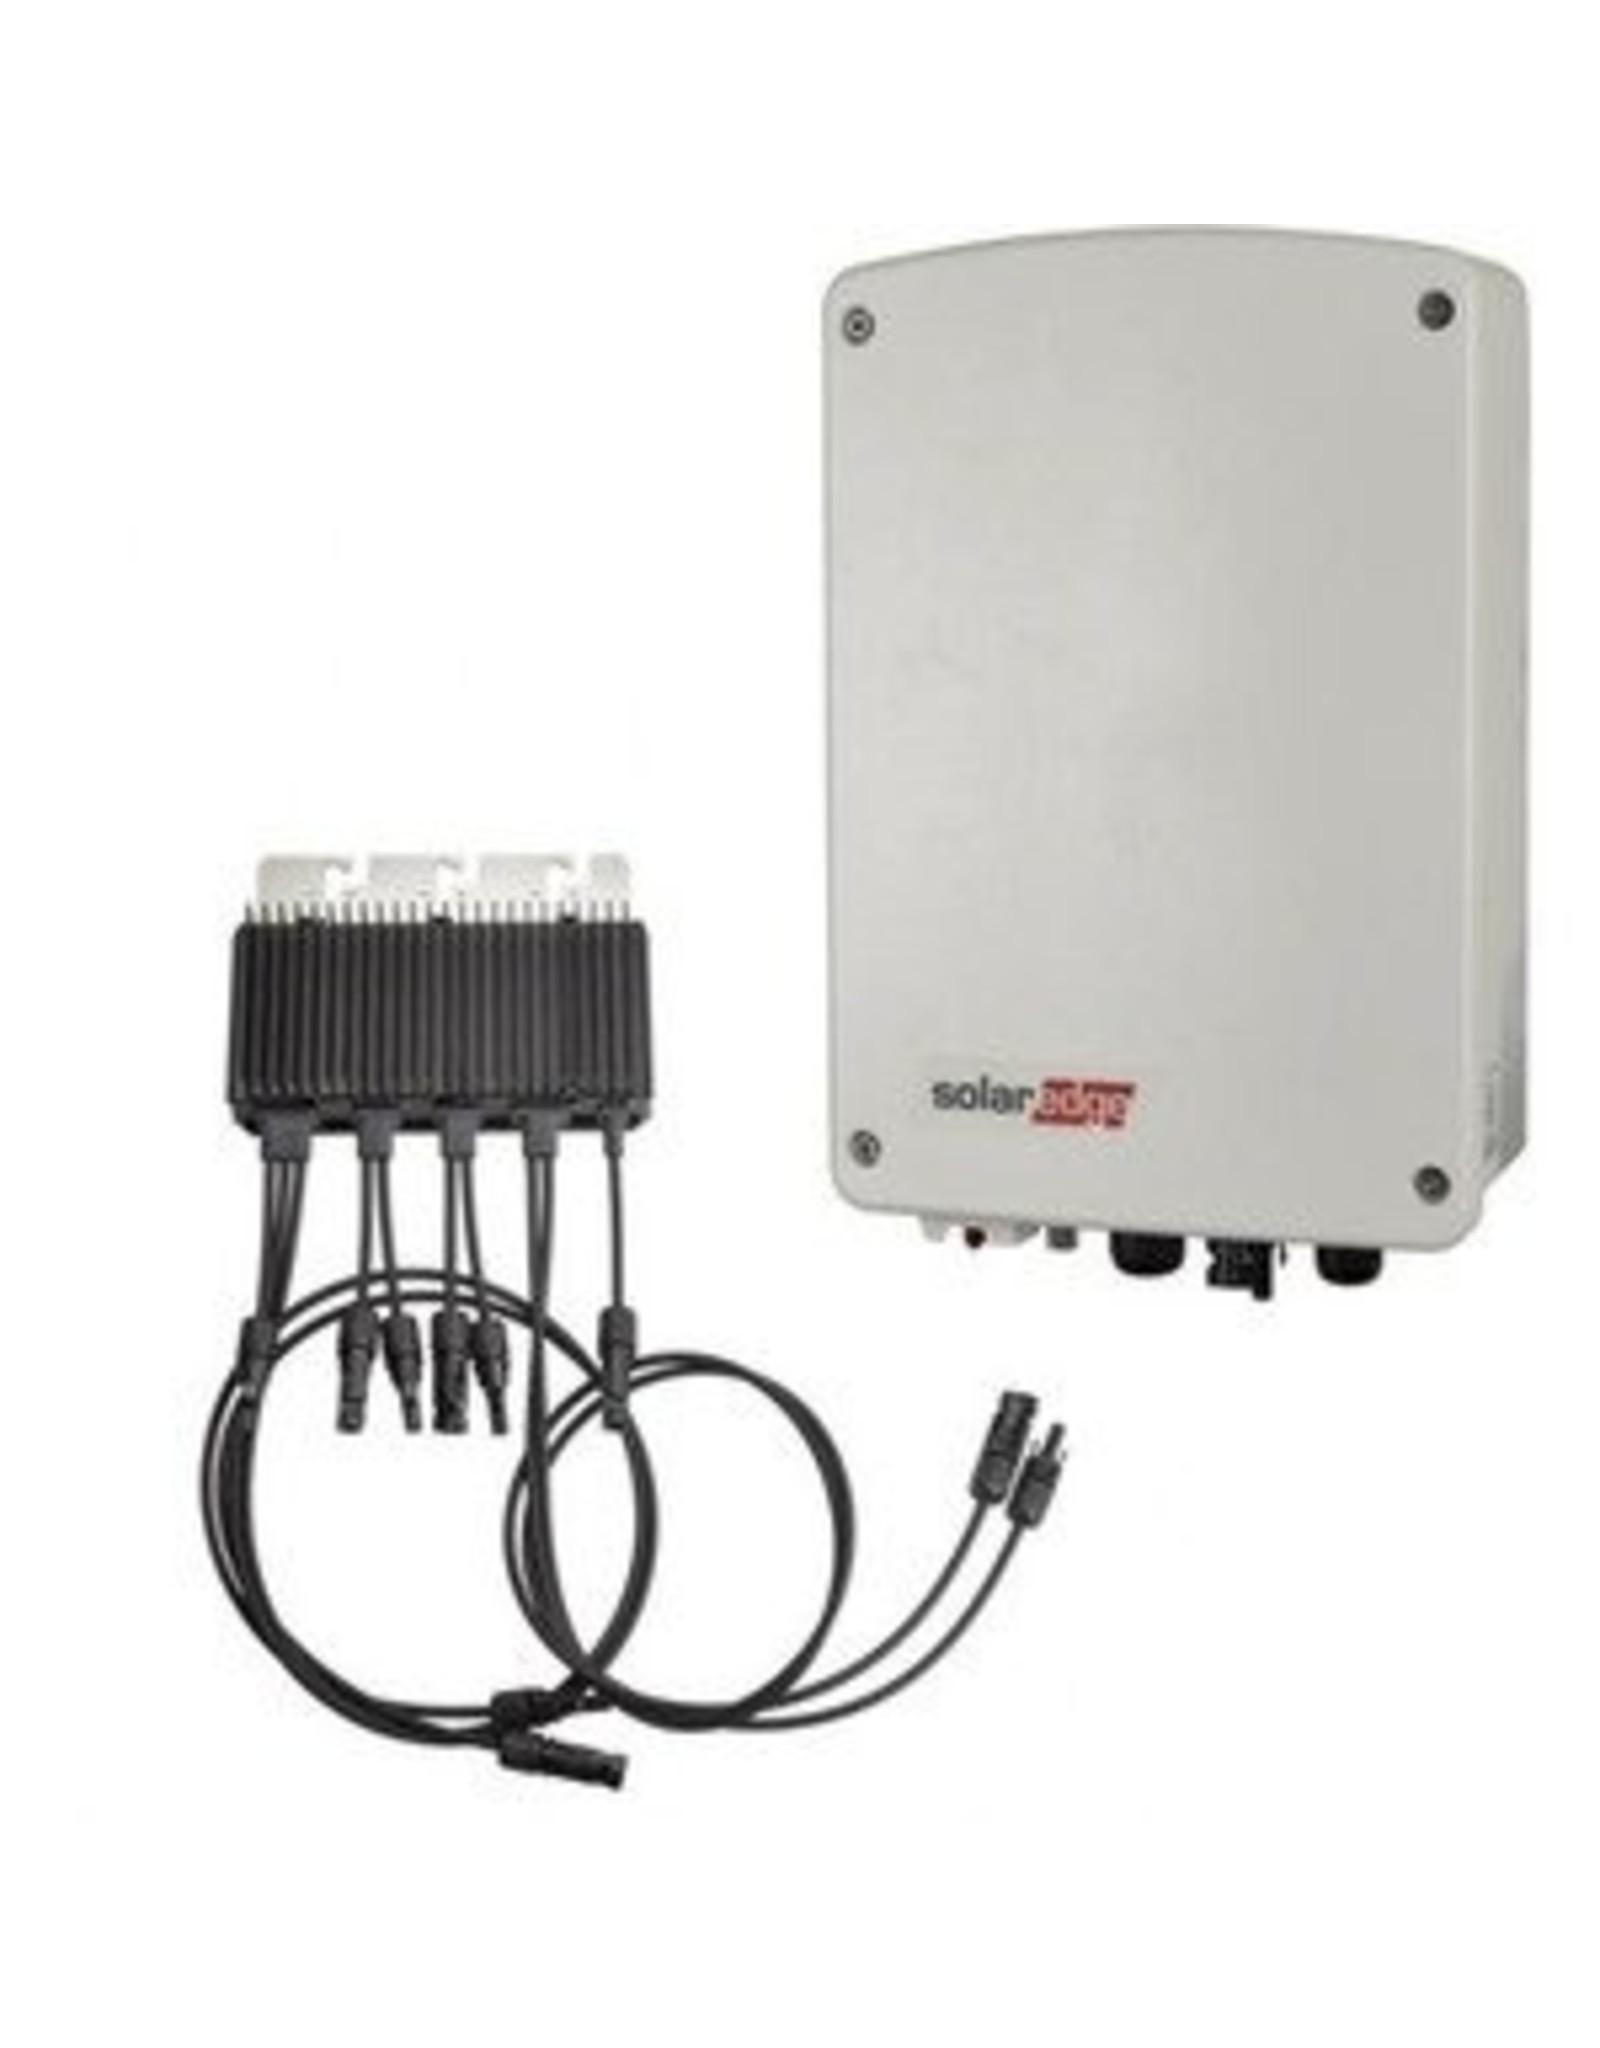 SolarEdge SolarEdge SE1000M enkelfase omvormer 1.0 kW met M2640 optimizer, extended